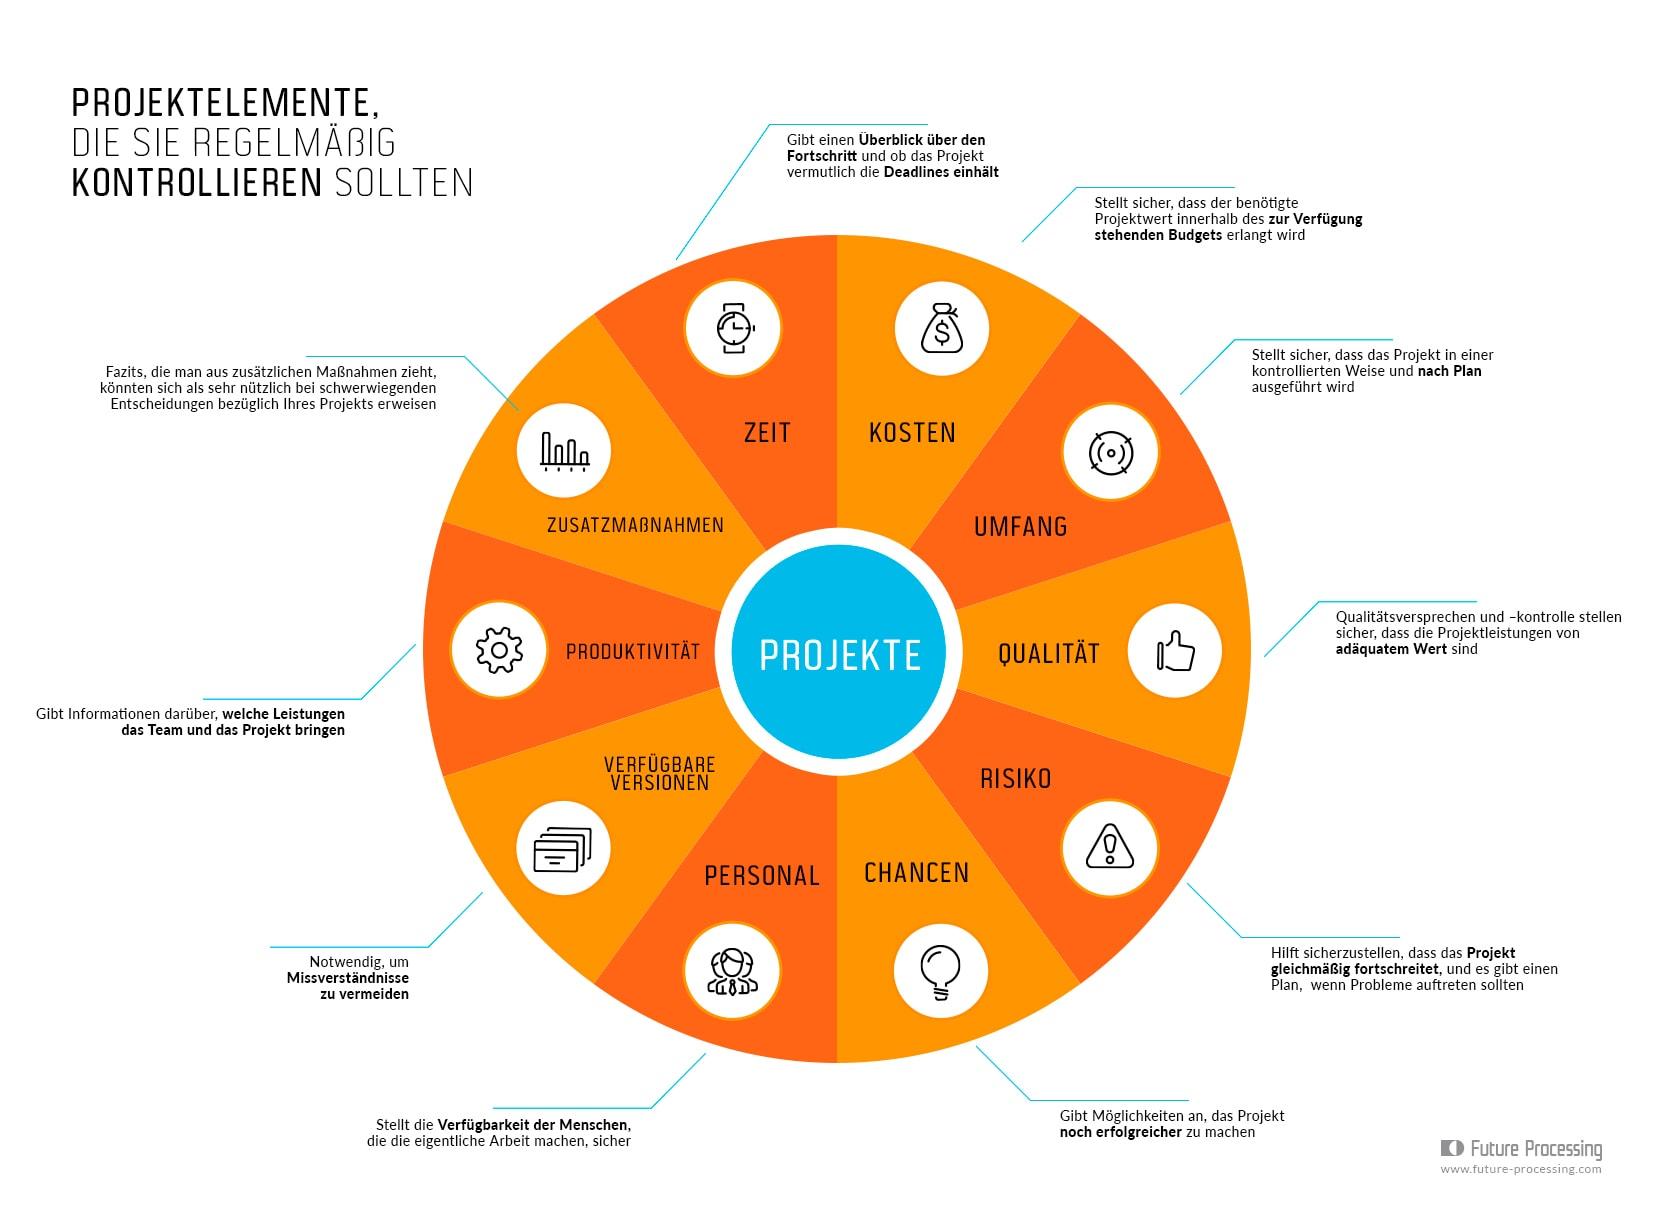 2. 10 Elemente von IT-Projekten, die Sie regelmäßig überprüfen sollten